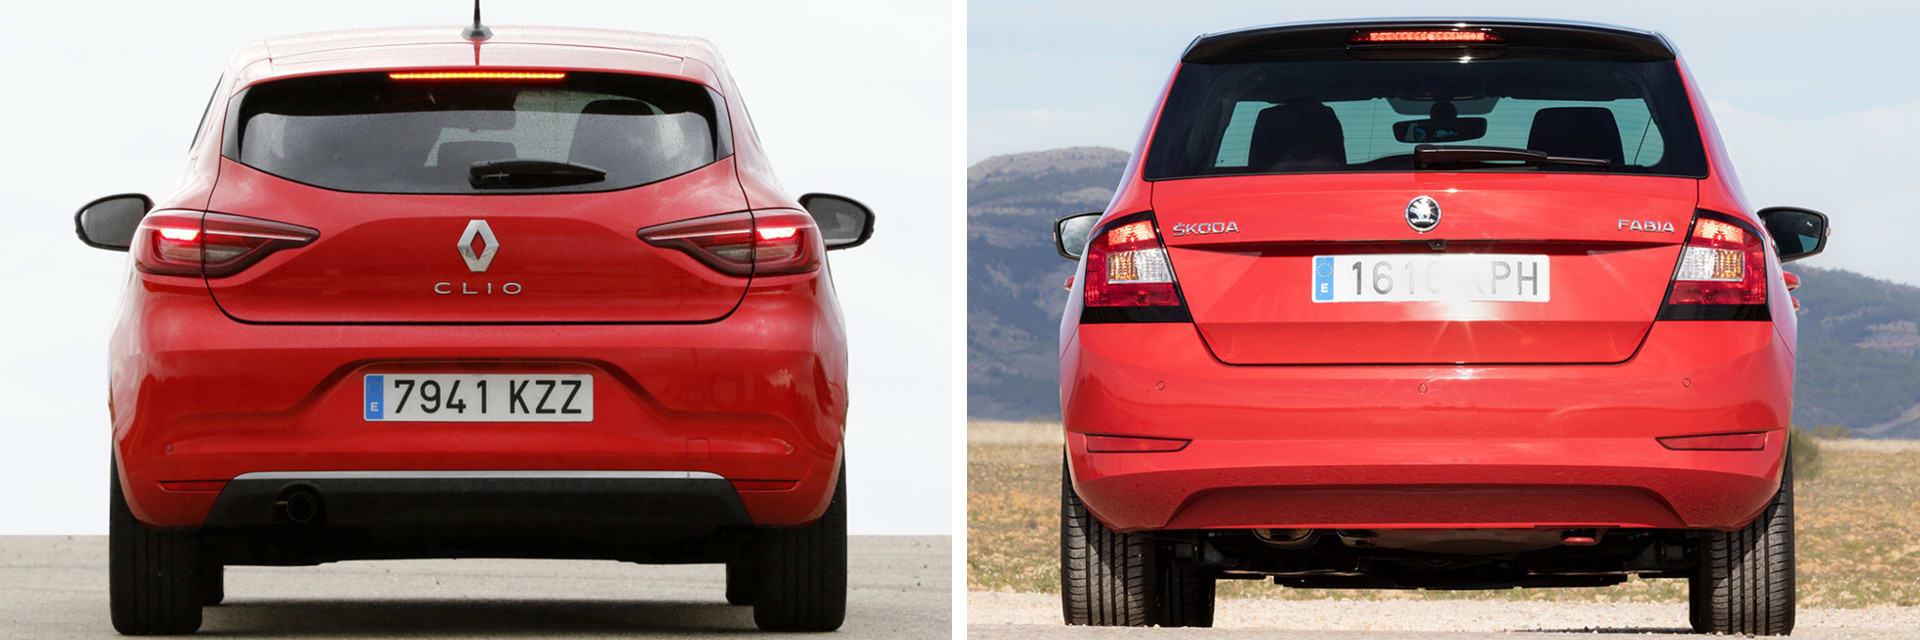 El Clio Intens cuenta con un equipamiento de serie más abundante que el Fabia Style (dcha.) / km77